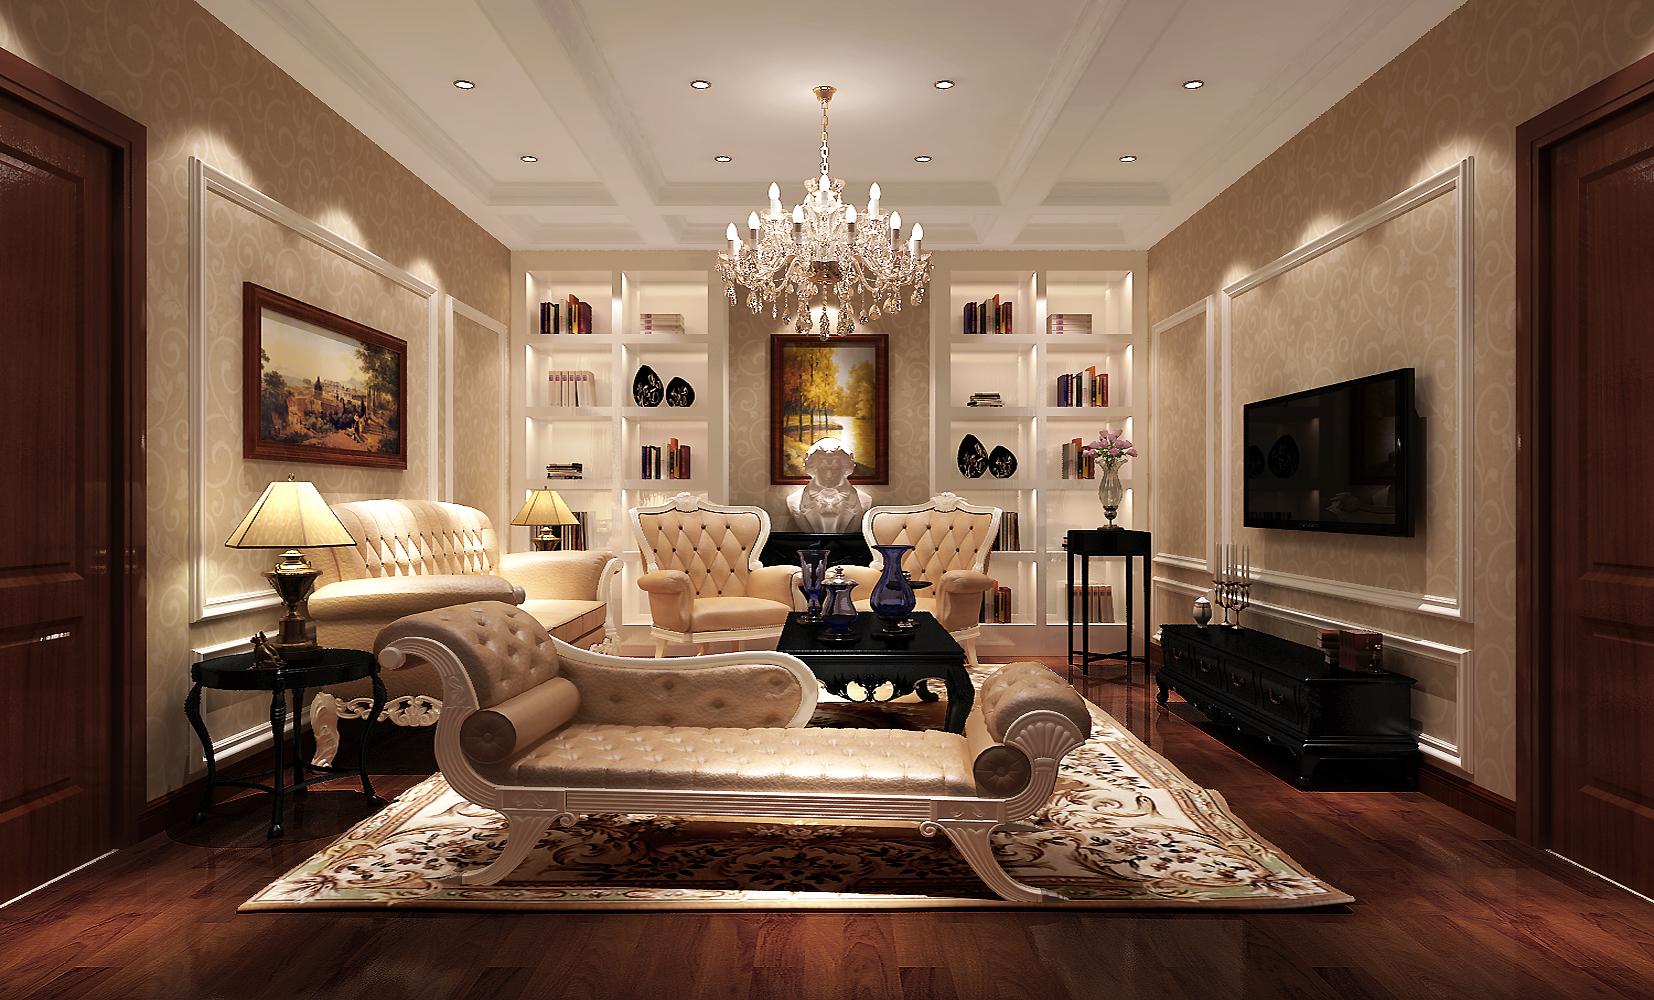 欧式 别墅 尊贵 大理石 温馨 客厅图片来自高度国际装饰刘玉在燕西台别墅---尊贵气质的分享